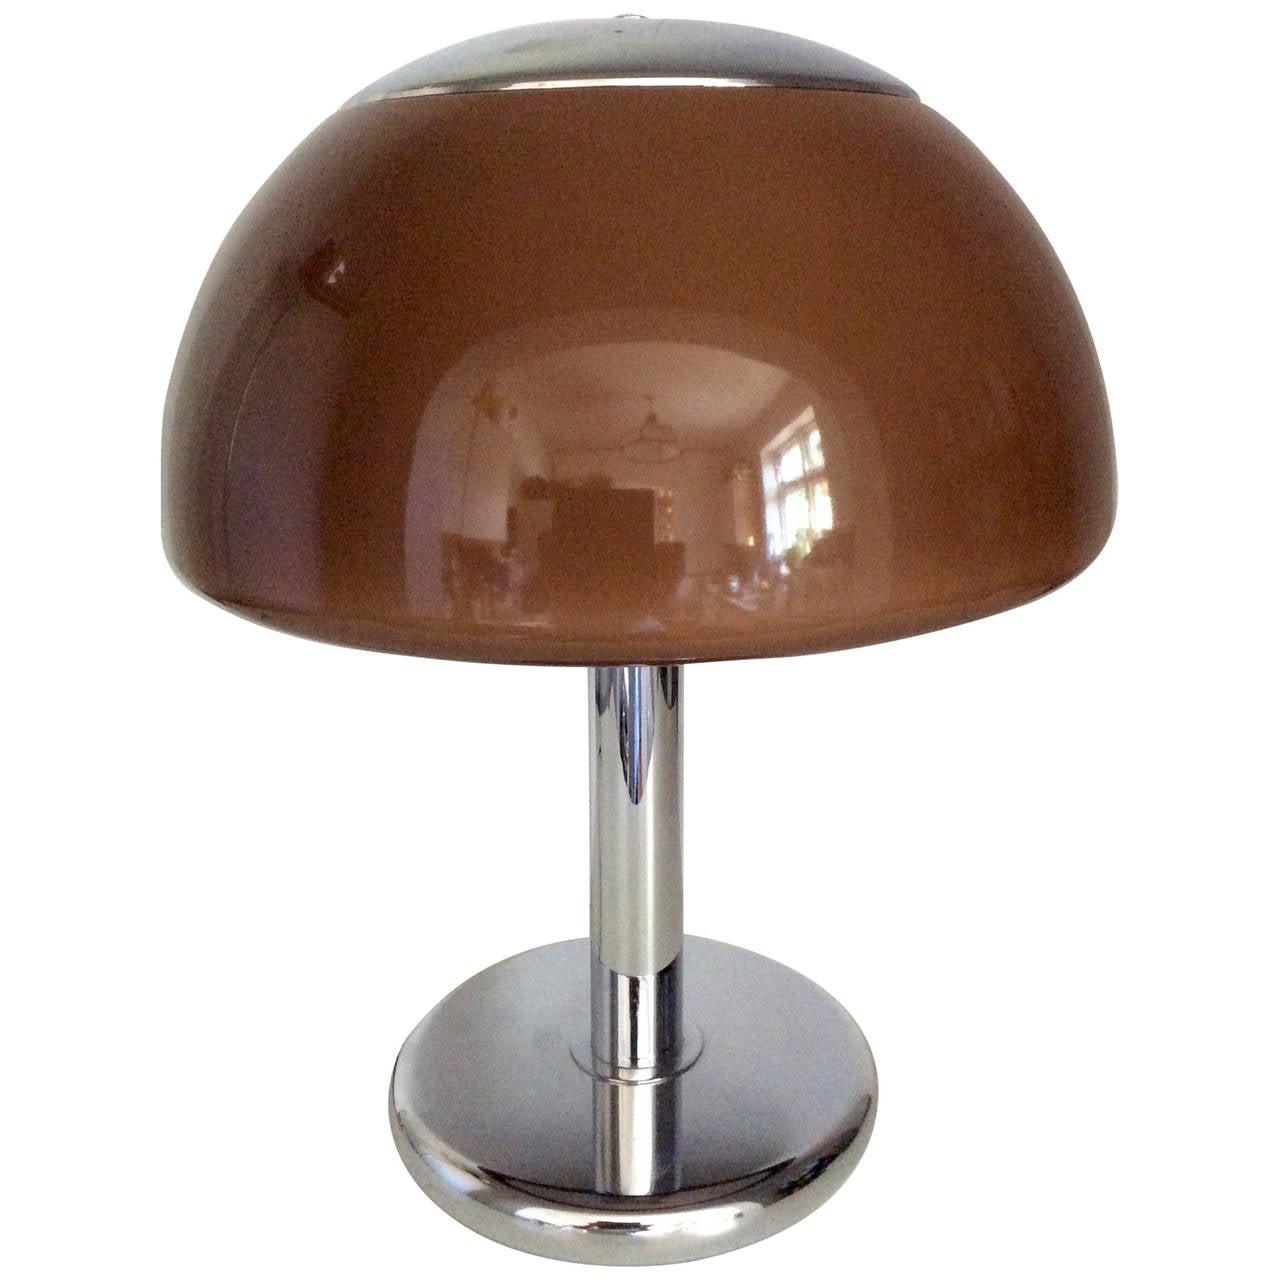 Harvey Guzzini Mushroom Lamp At 1stdibs